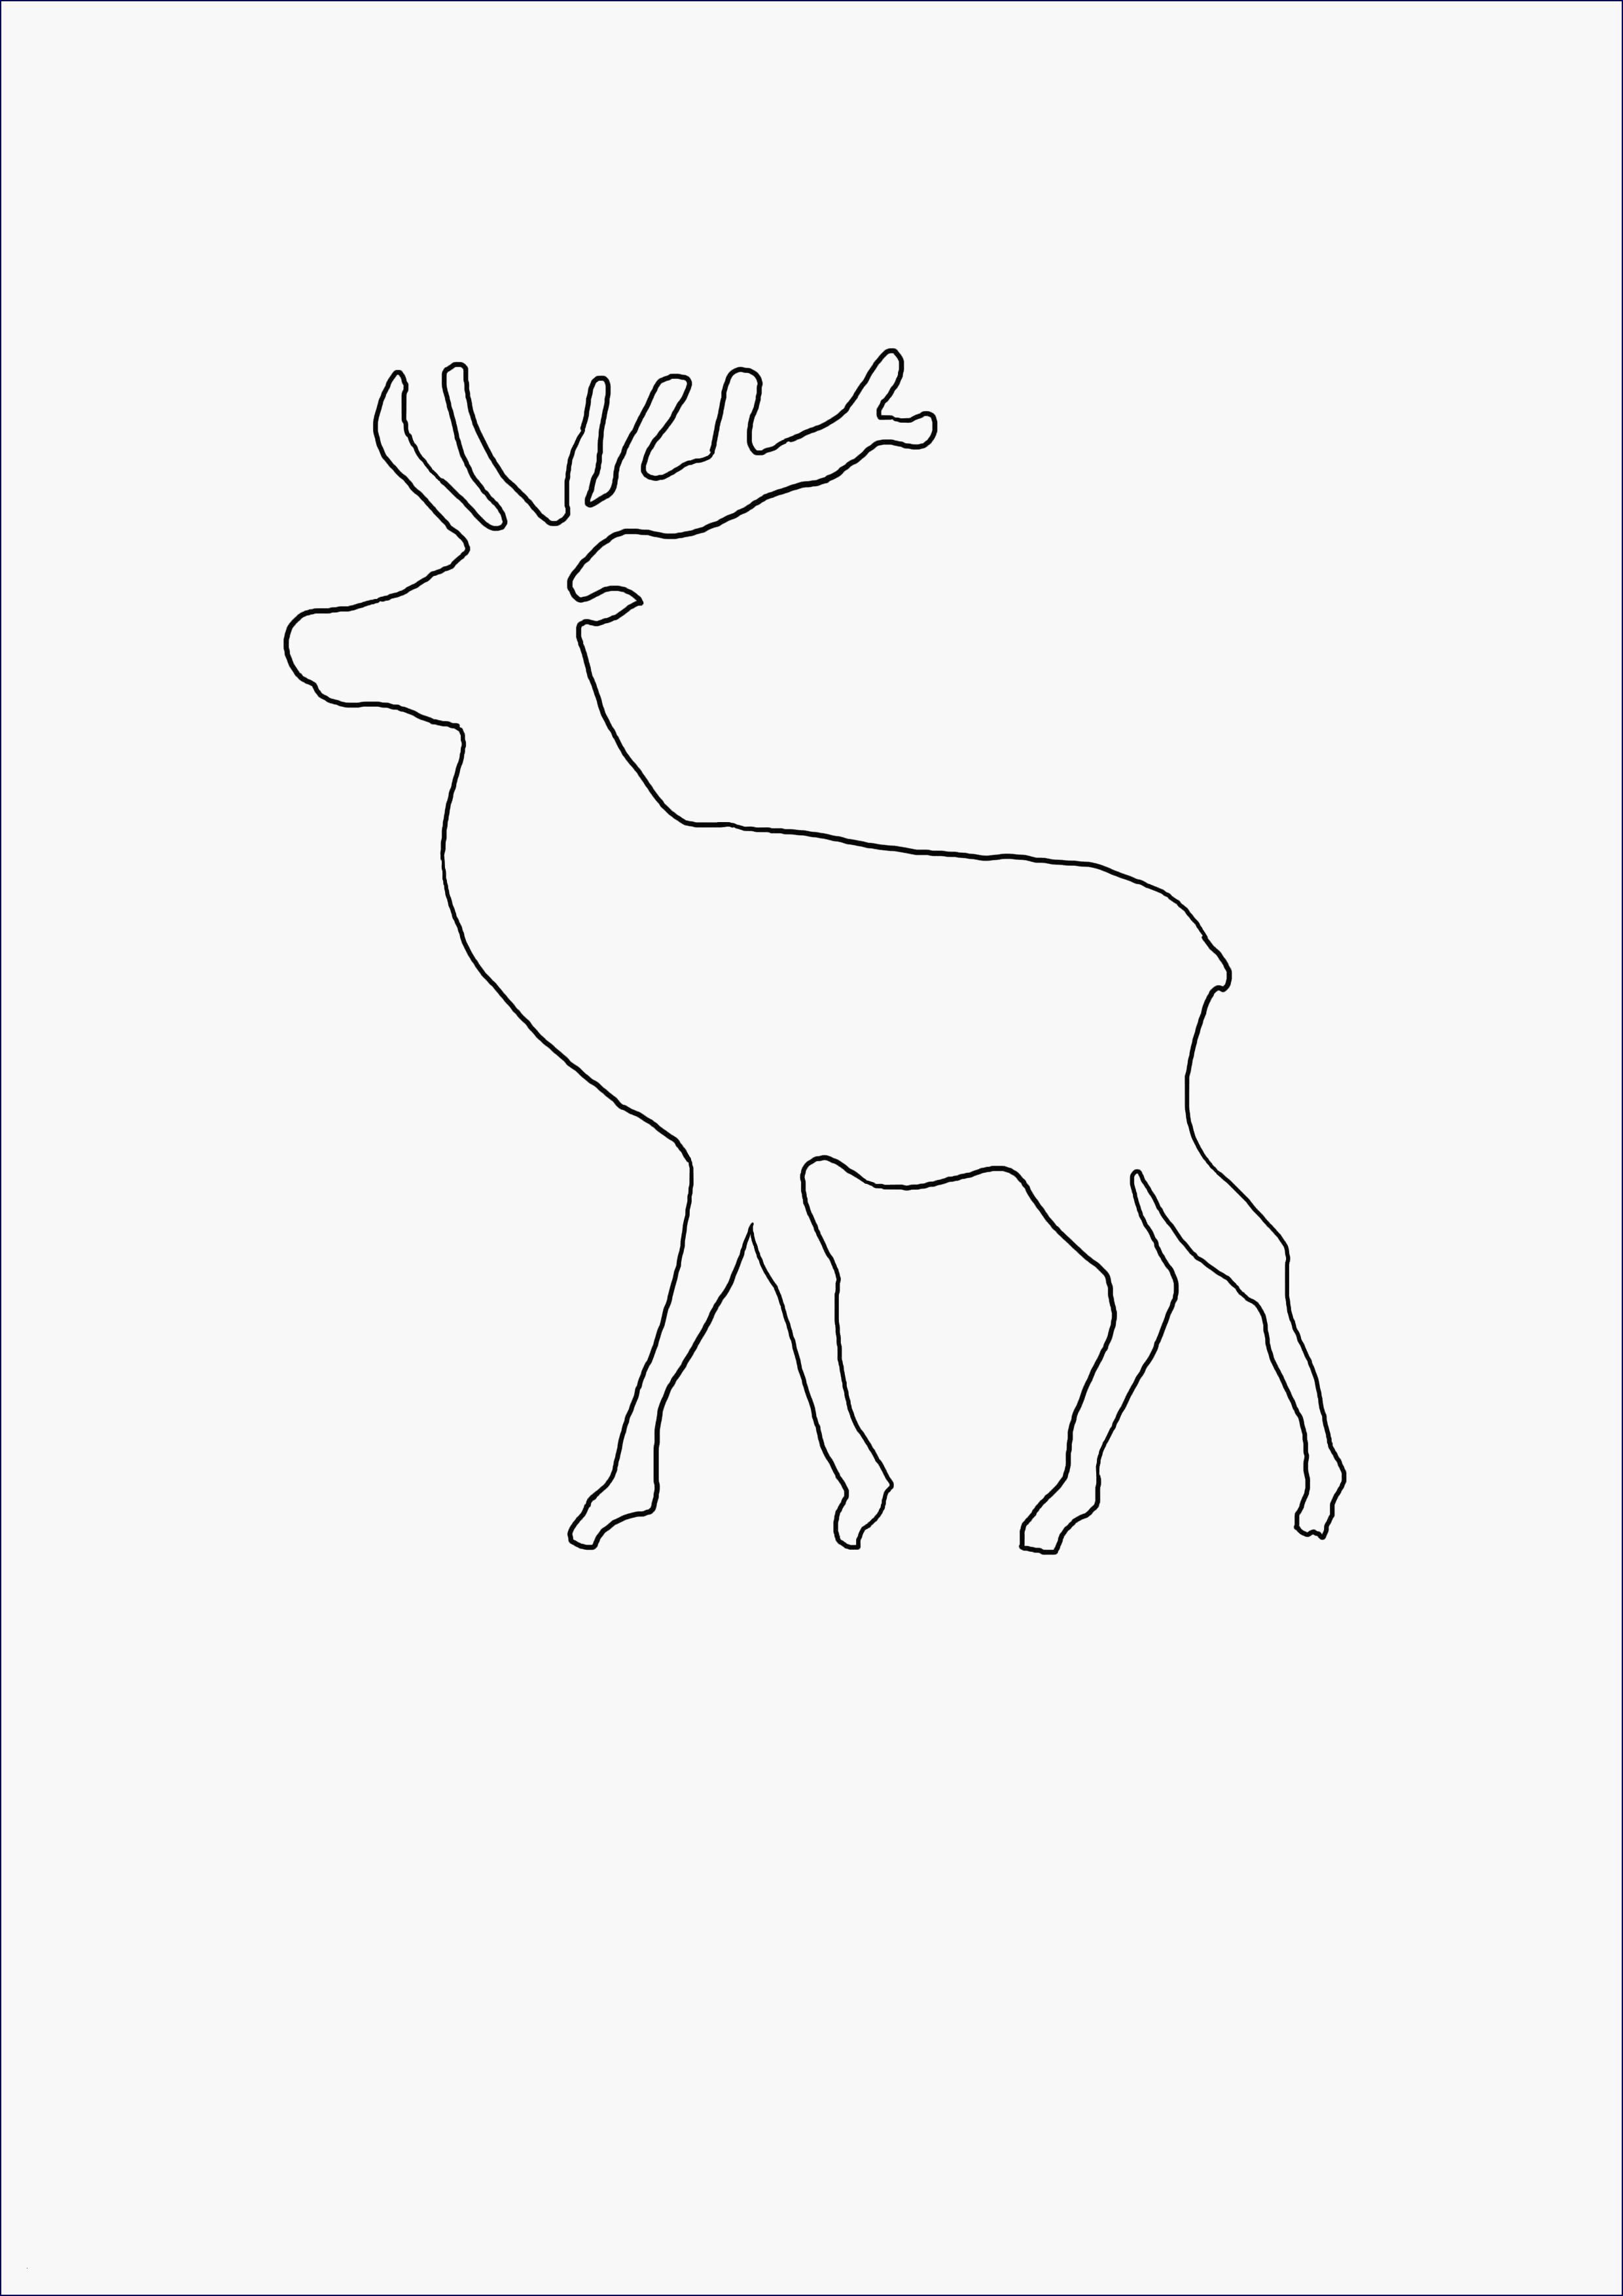 Bilder Weihnachten Kostenlos Zum Ausdrucken Frisch Weihnachtsmotive Für Karten Gratis Best Unglaubliche Ausmalbilder Bild